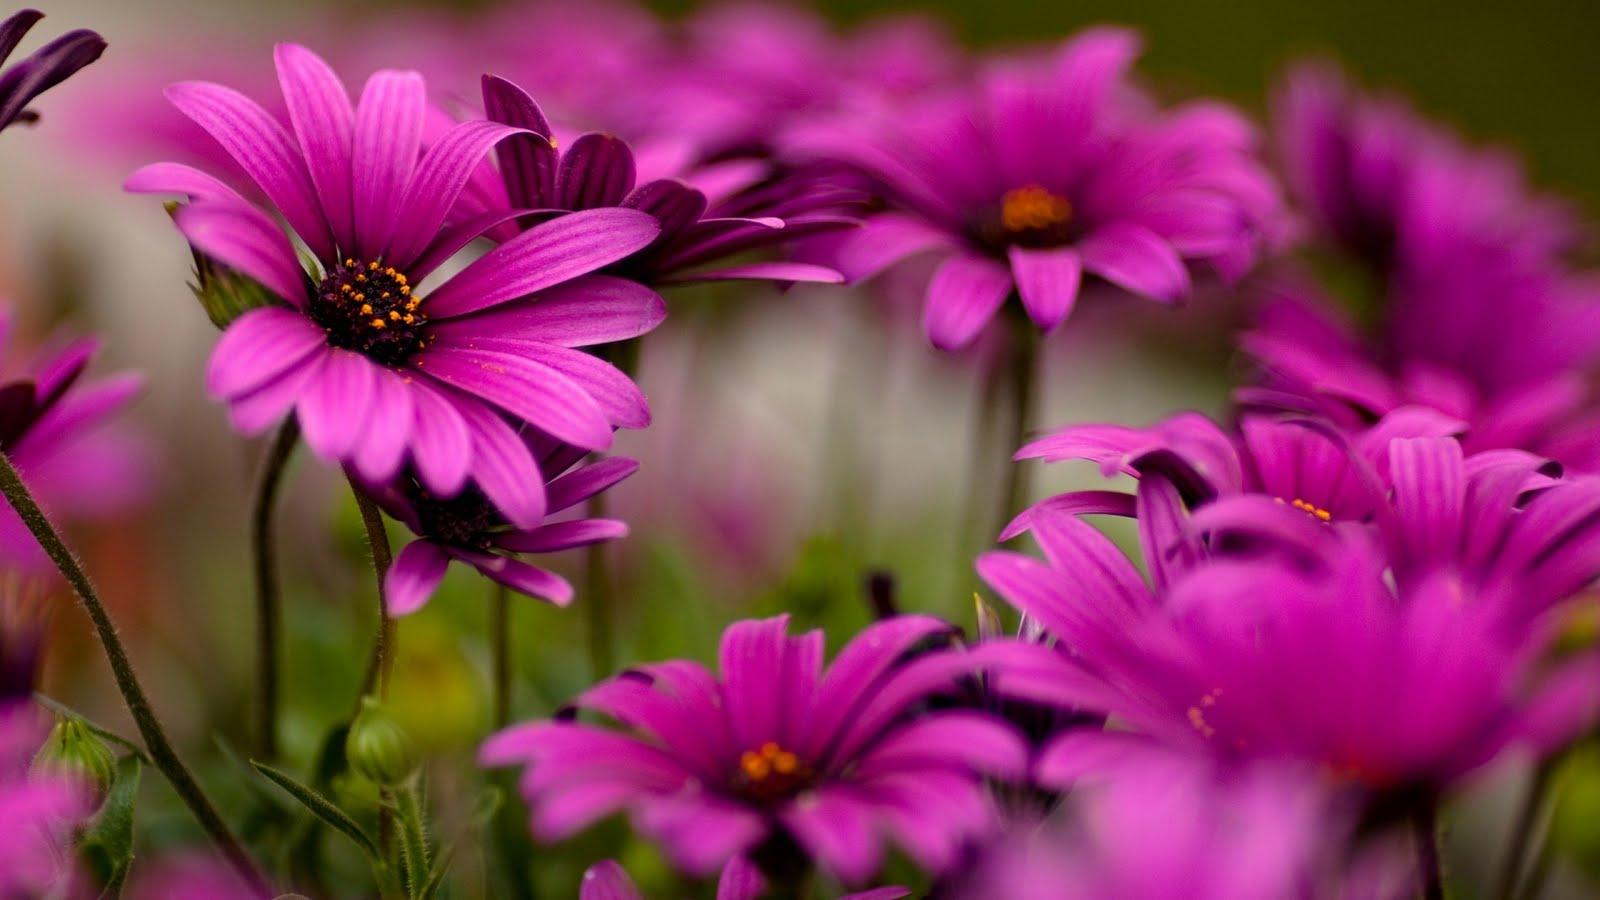 بالصور صور اجمل ورد , صور وقت تزهير الورد رائعة 3224 4